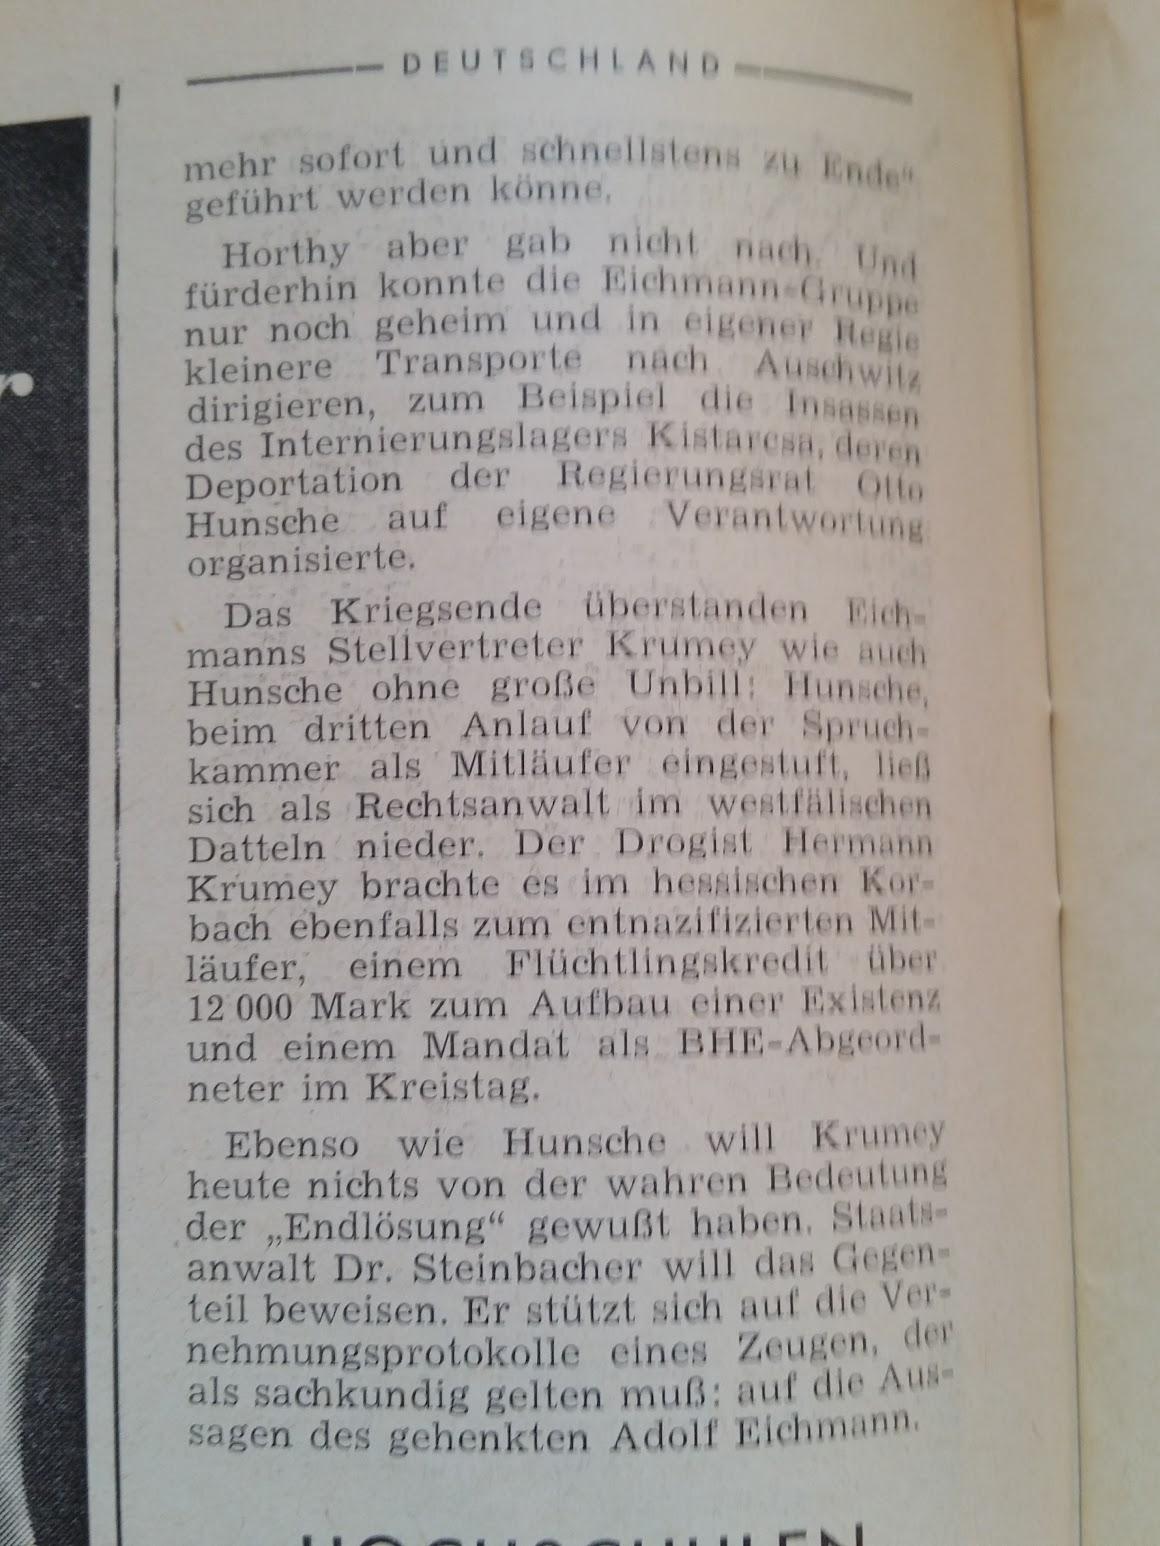 Der Spiegel - 26.4.1964 - Judenvernichtung